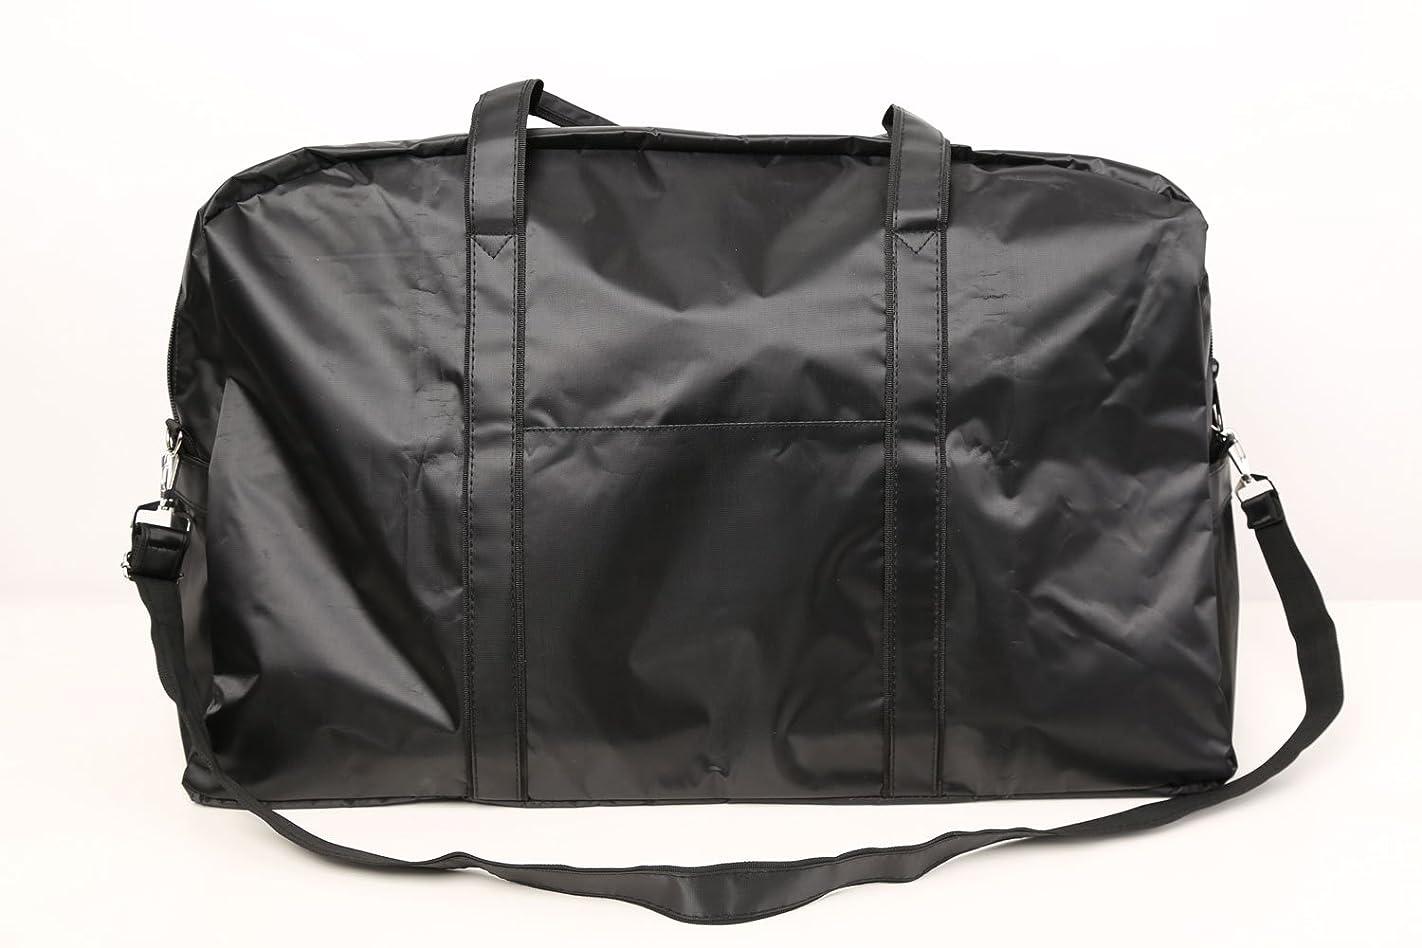 無意識たくさんのパラシュートカットウィッグ用バッグ 大容量 軽量 ナイロンバッグ ブラック XRDB-1